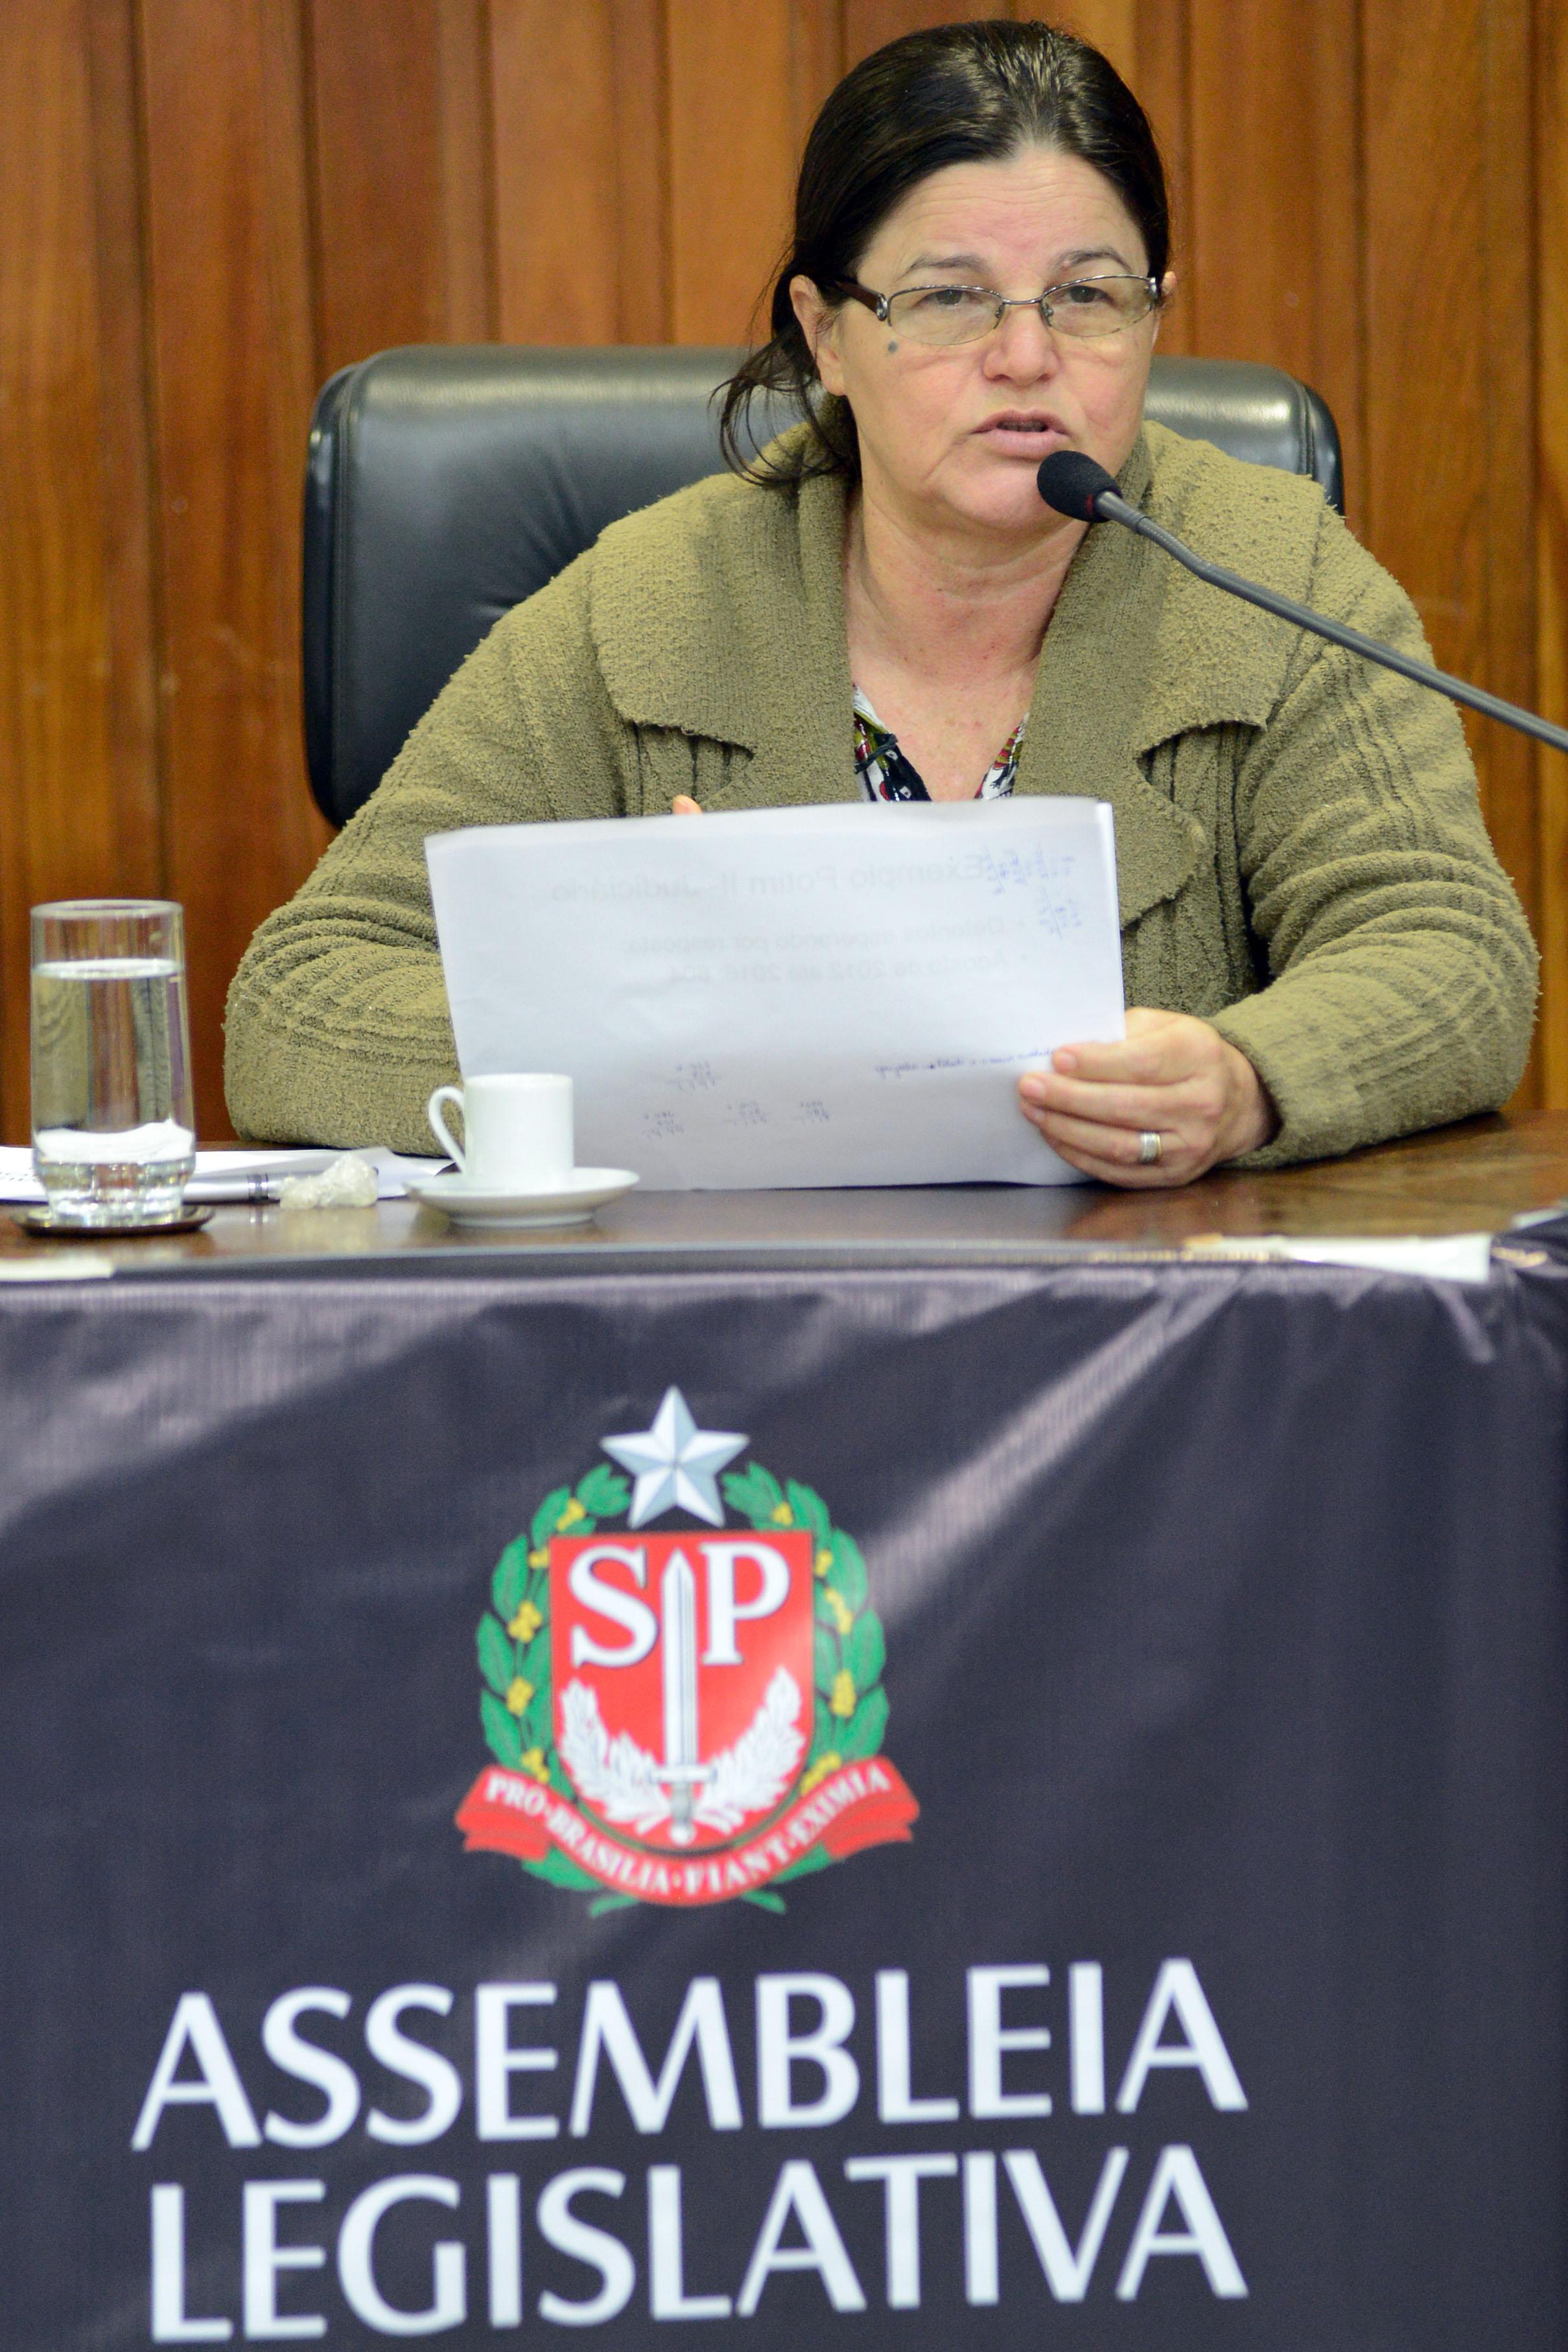 Cheila Olalla é relatora da Comissão do Sistema Prisional <a style='float:right' href='https://www3.al.sp.gov.br/repositorio/noticia/N-06-2016/fg191688.jpg' target=_blank><img src='/_img/material-file-download-white.png' width='14px' alt='Clique para baixar a imagem'></a>